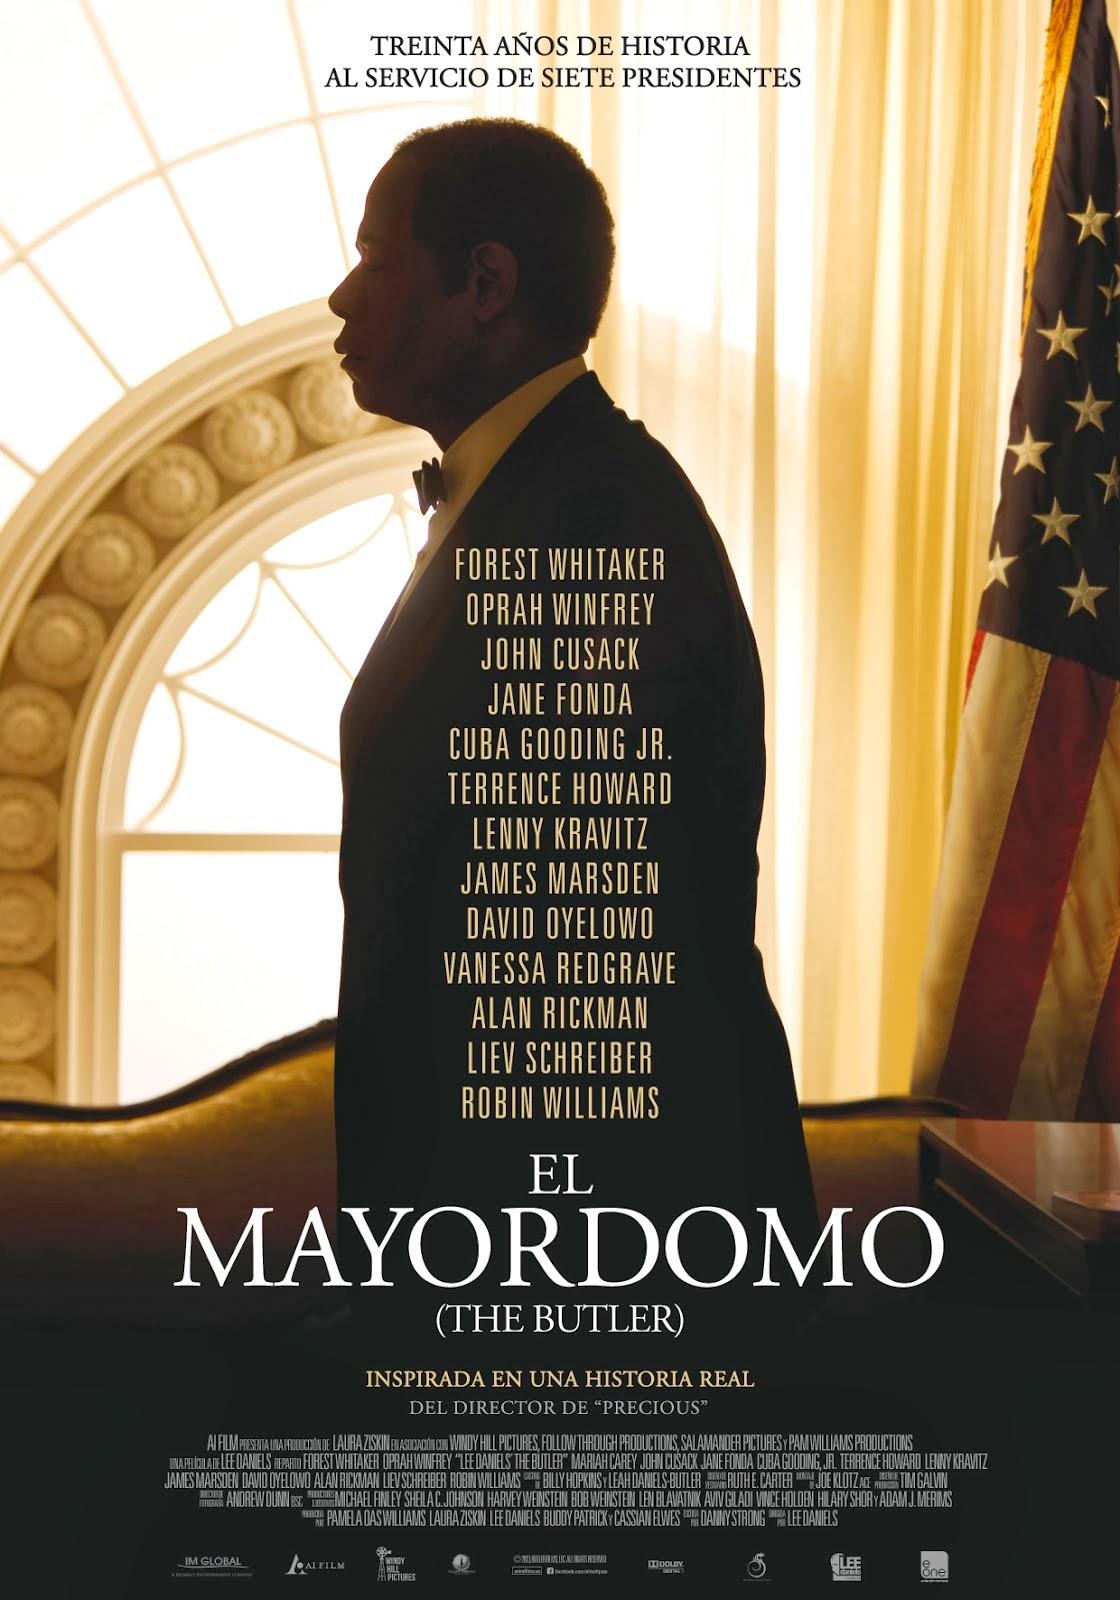 http://4.bp.blogspot.com/-BEy962Nnmn4/UmmSVIIuhtI/AAAAAAAAarg/qbbJ8vB7H0I/s1600/El_mayordomo-Lee_Daniels_Cartel.jpg